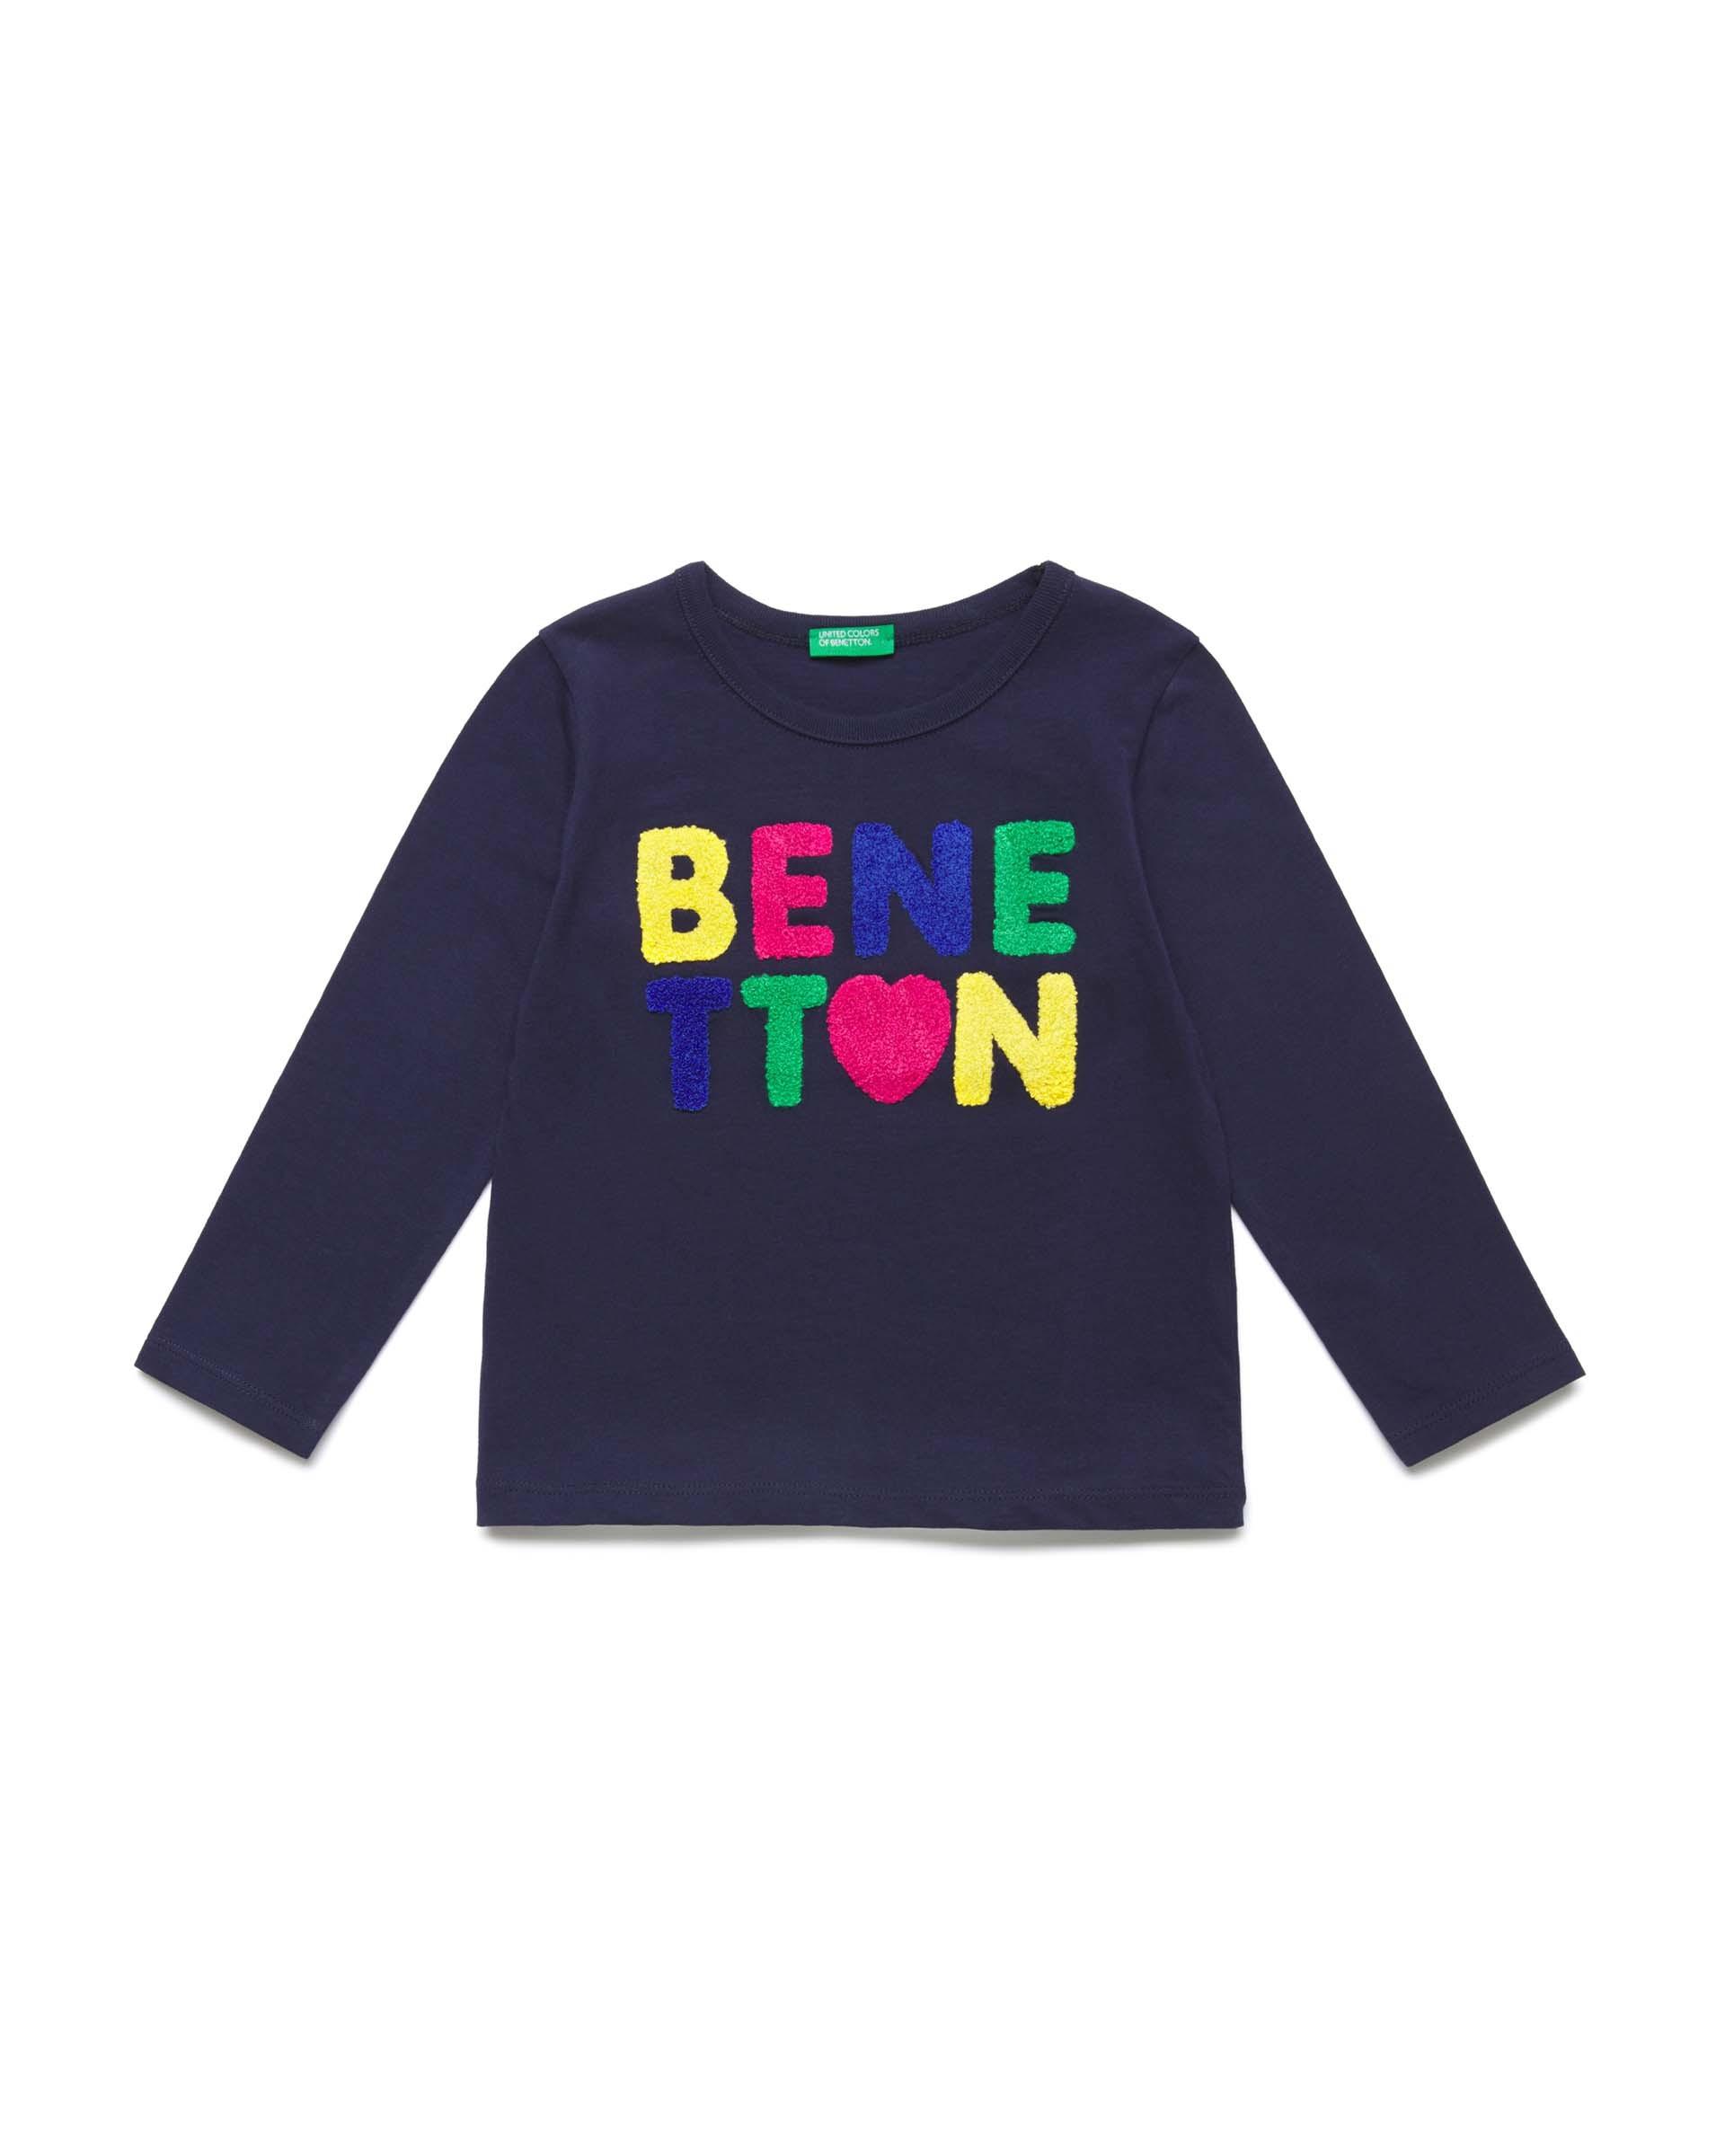 Купить 20P_3096C1AKP_252, Футболка для девочек Benetton 3096C1AKP_252 р-р 80, United Colors of Benetton, Кофточки, футболки для новорожденных